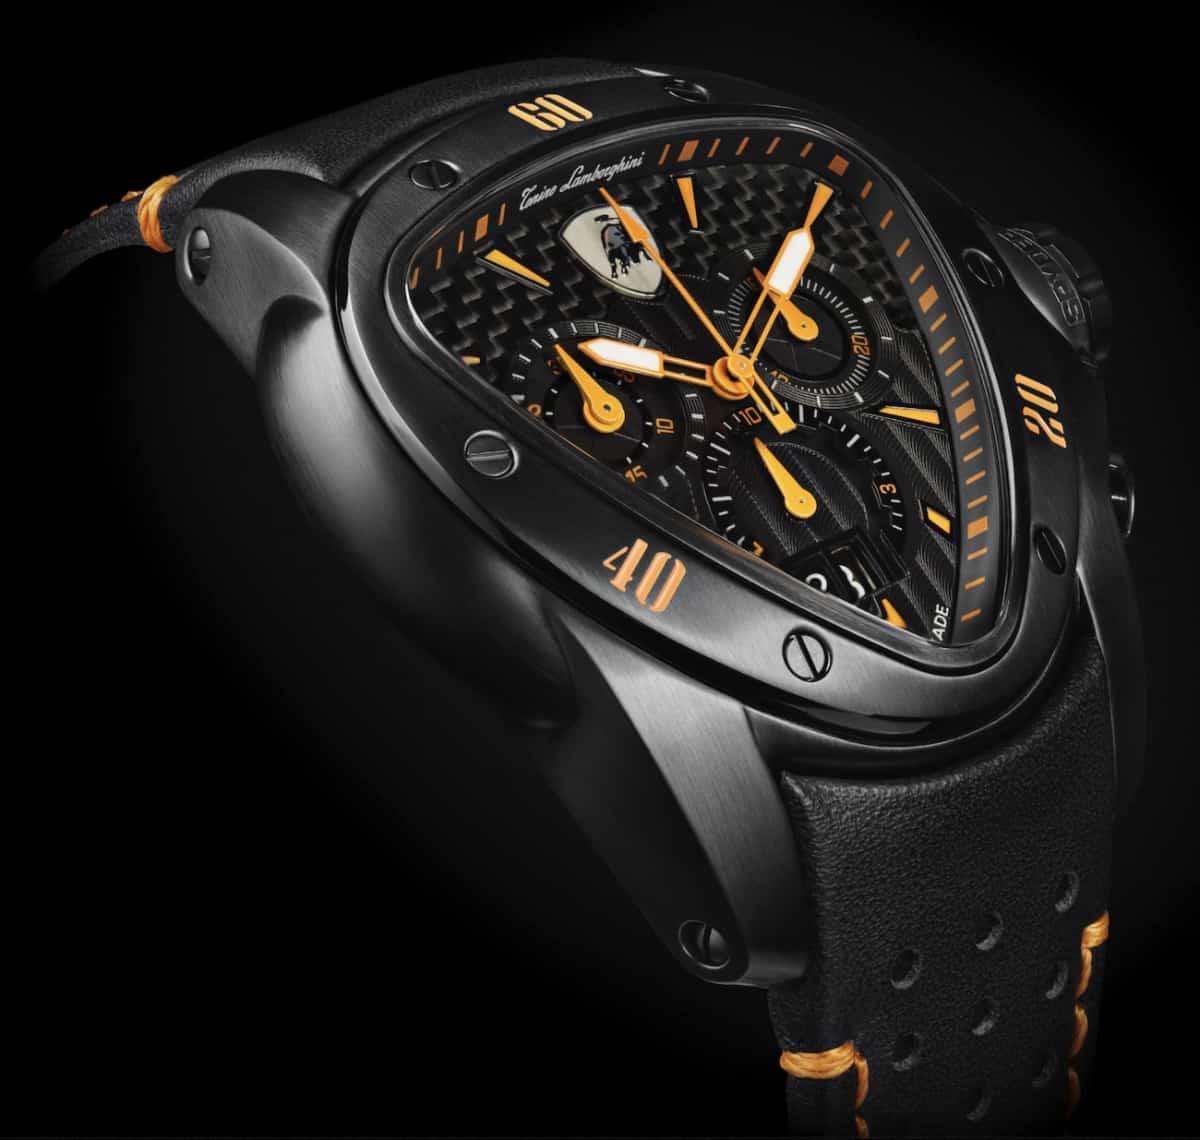 Tonino Lamborghini offers new Swiss watch collection